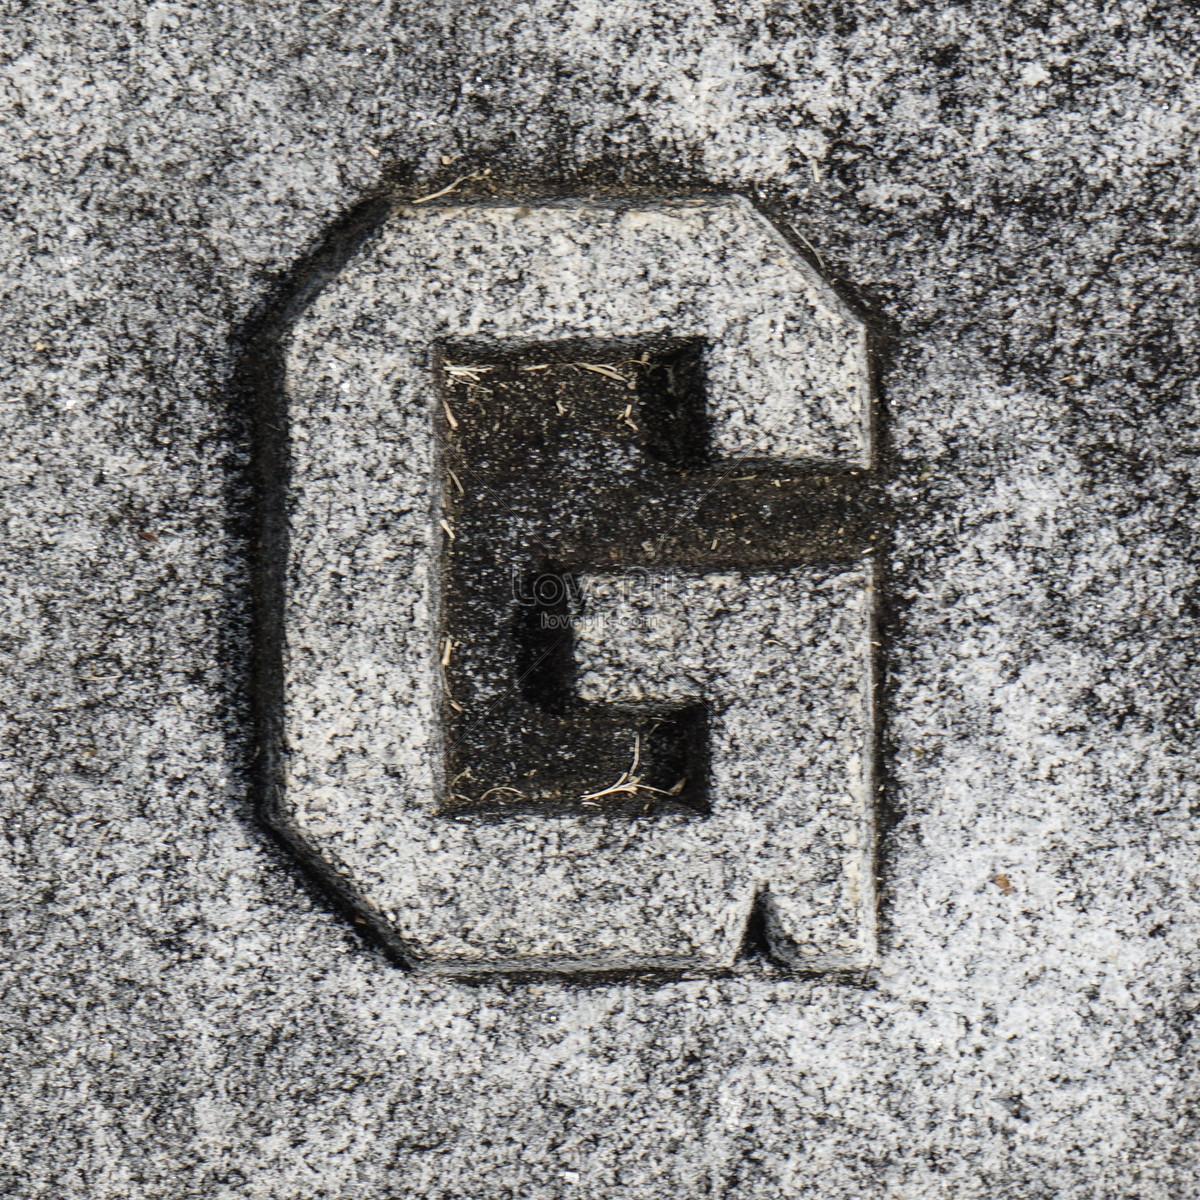 بالصور صور حرف g , كتابة حرف g بطرق مختلفة 3173 10